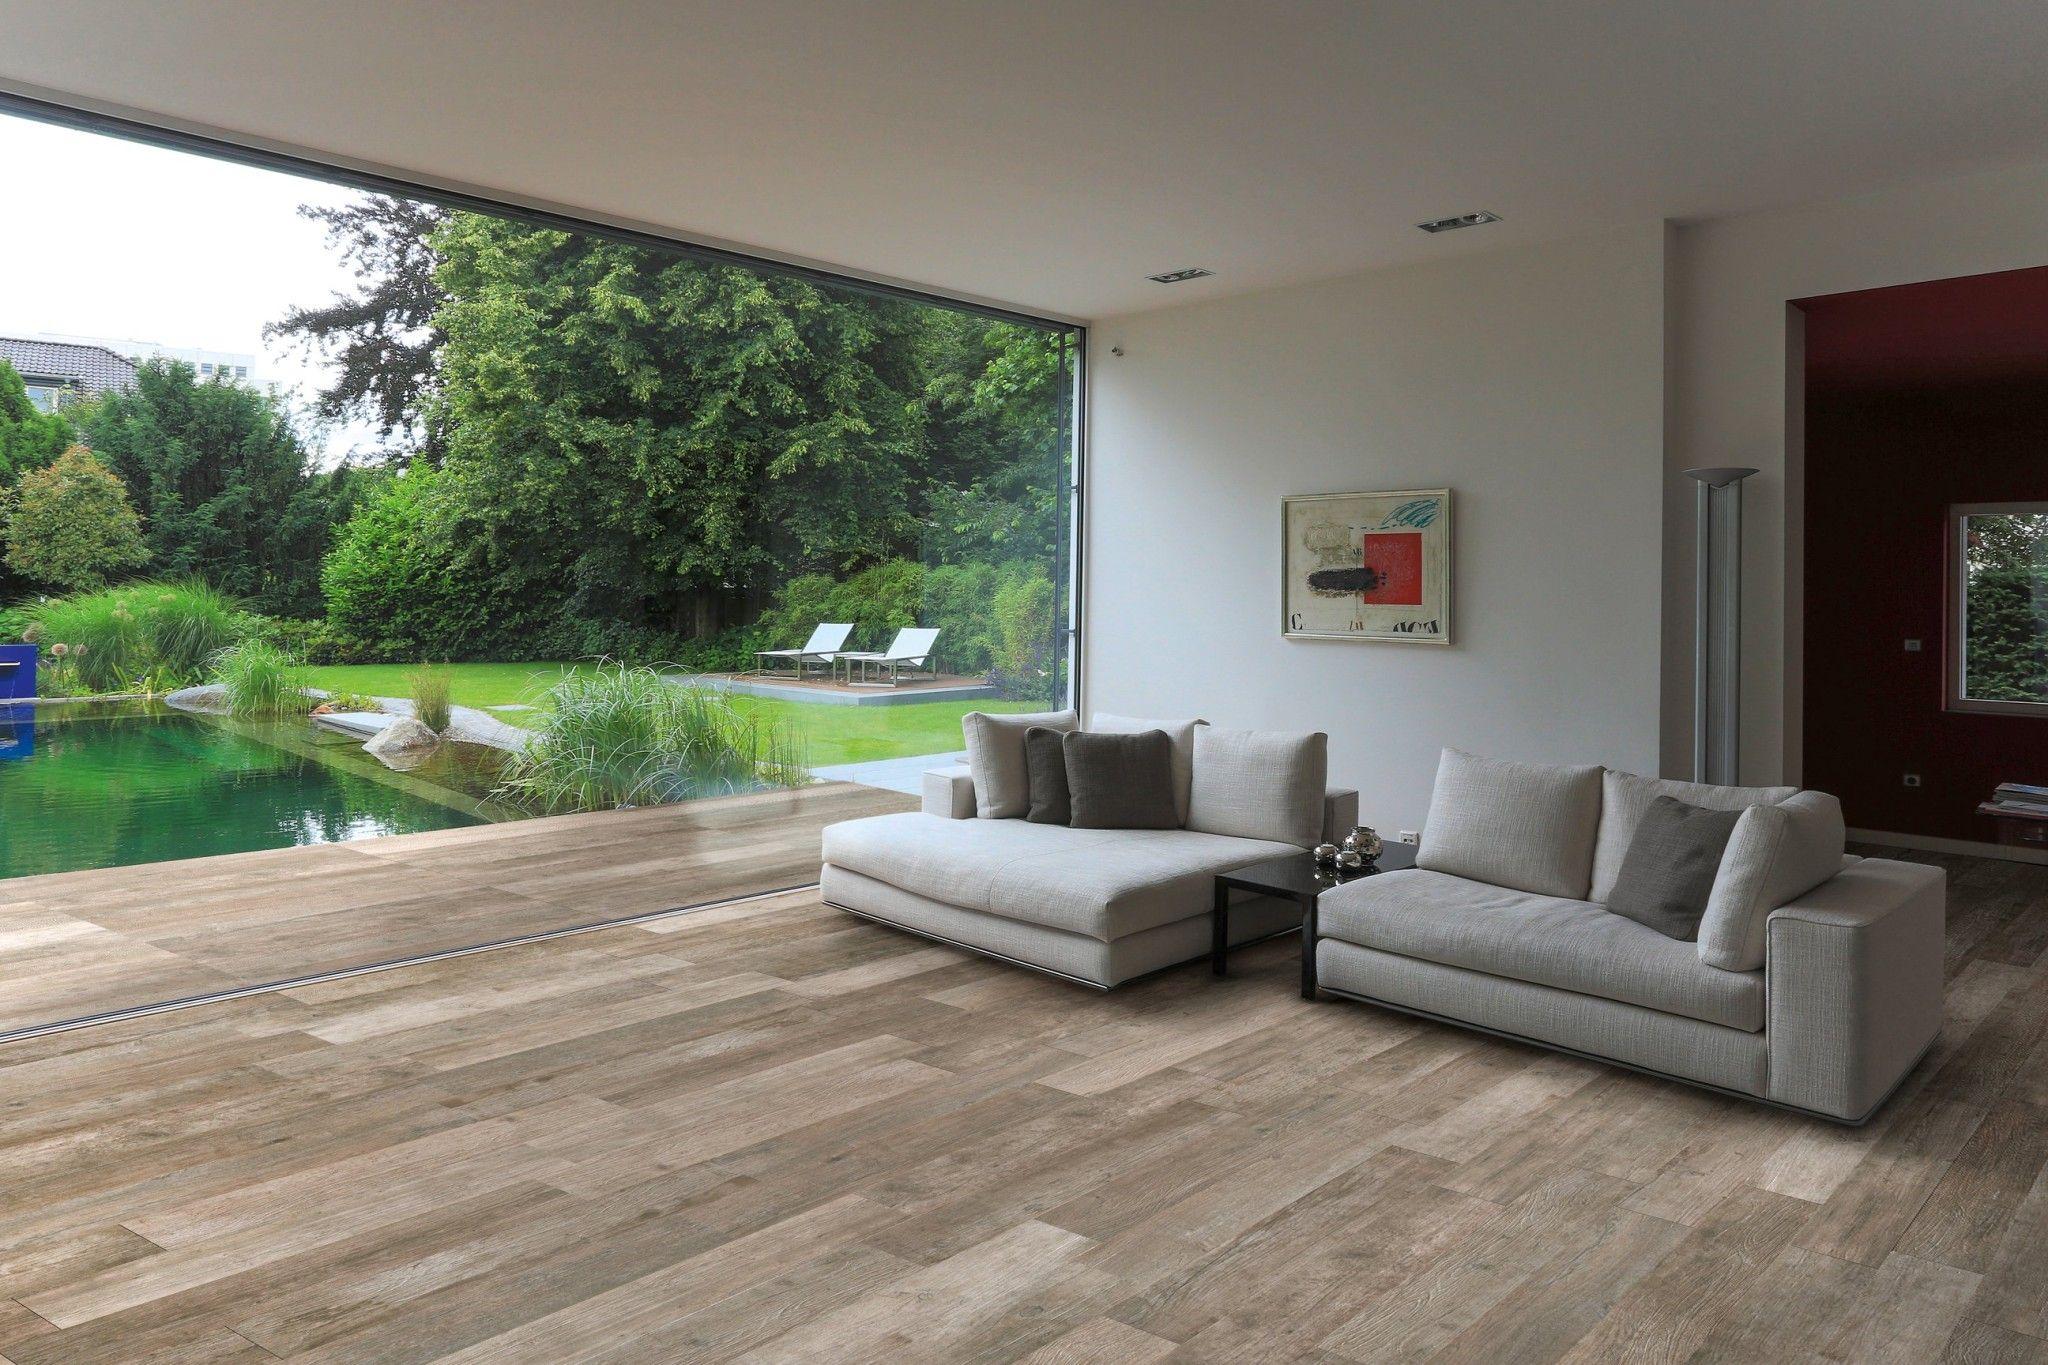 Houtlook Tegels Buiten : Afbeeldingsresultaat voor tegels houtlook buiten home sweet home